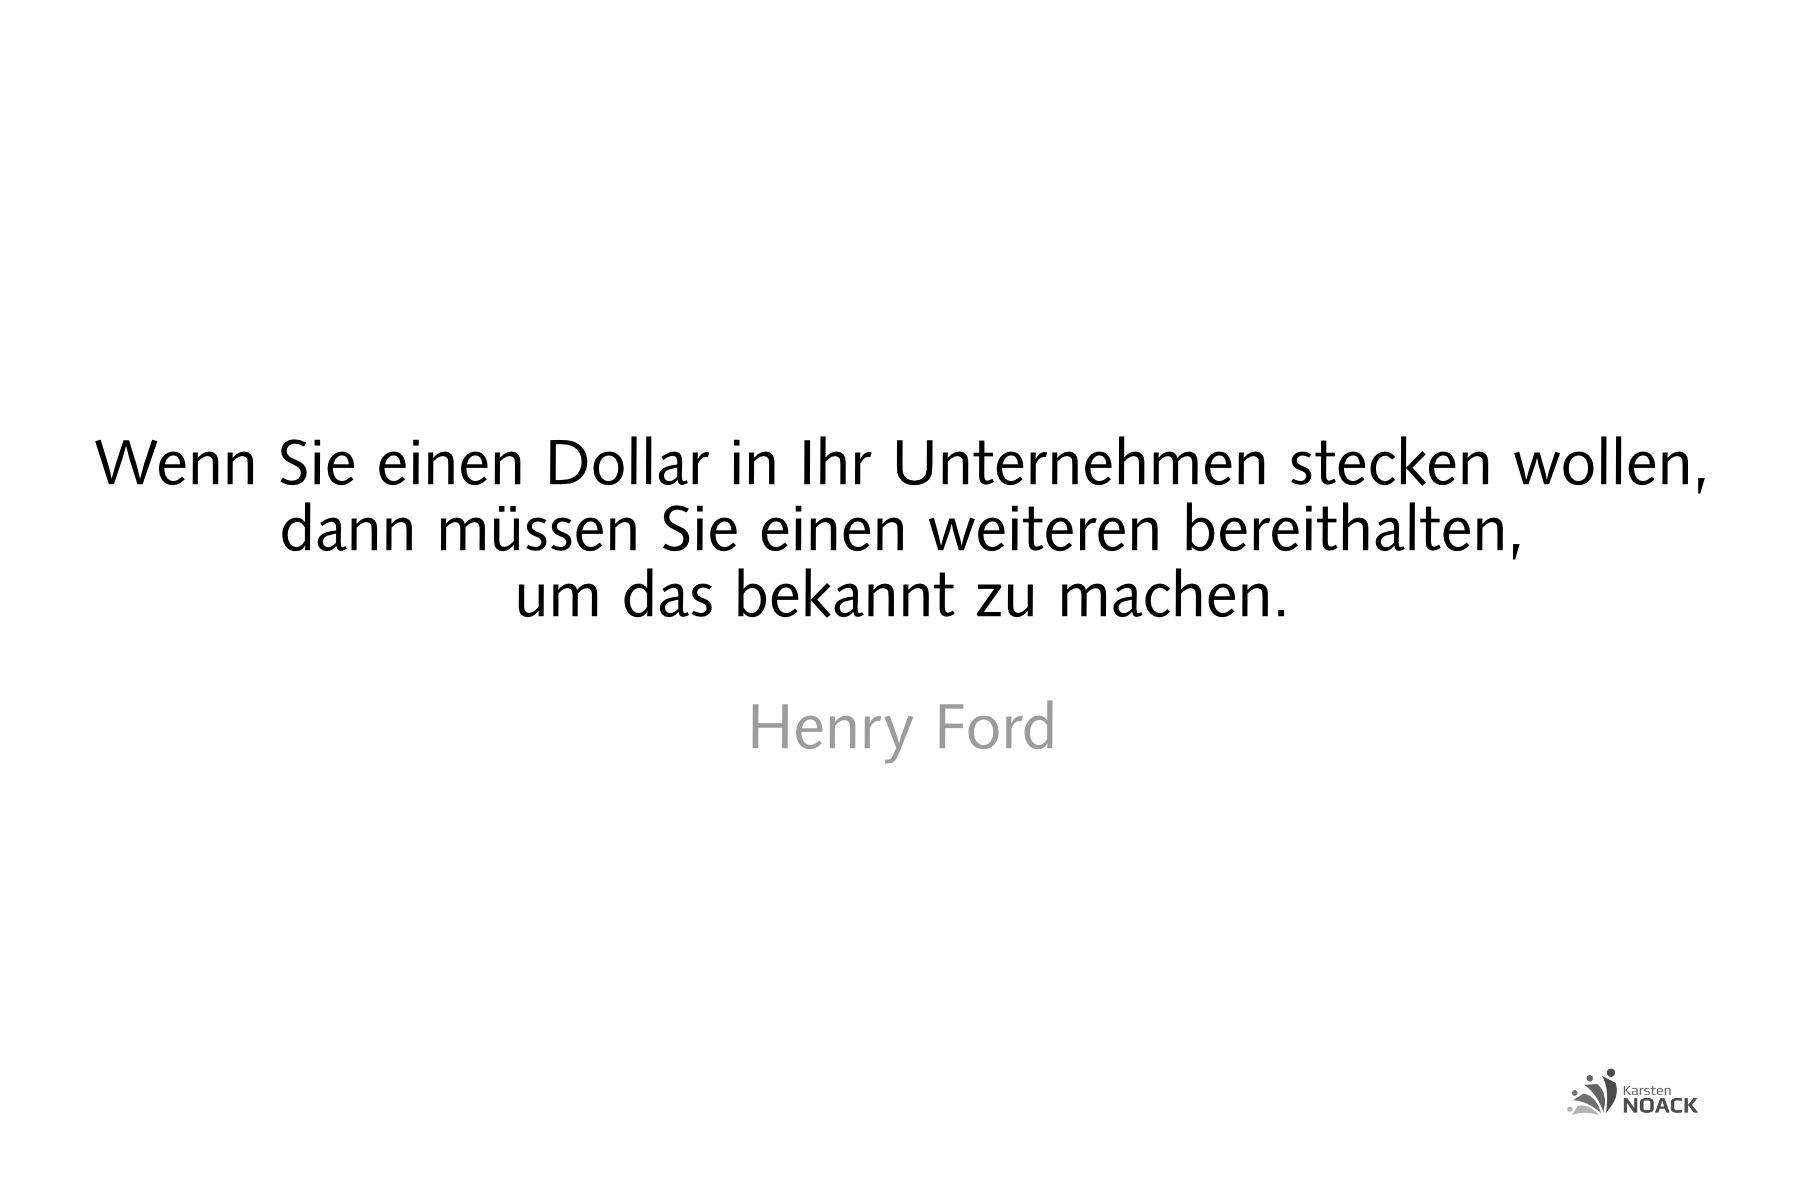 Wenn Sie einen Dollar in Ihr Unternehmen stecken wollen, so müssen Sie einen weiteren bereithalten, um das bekannt zu machen. Henry Ford